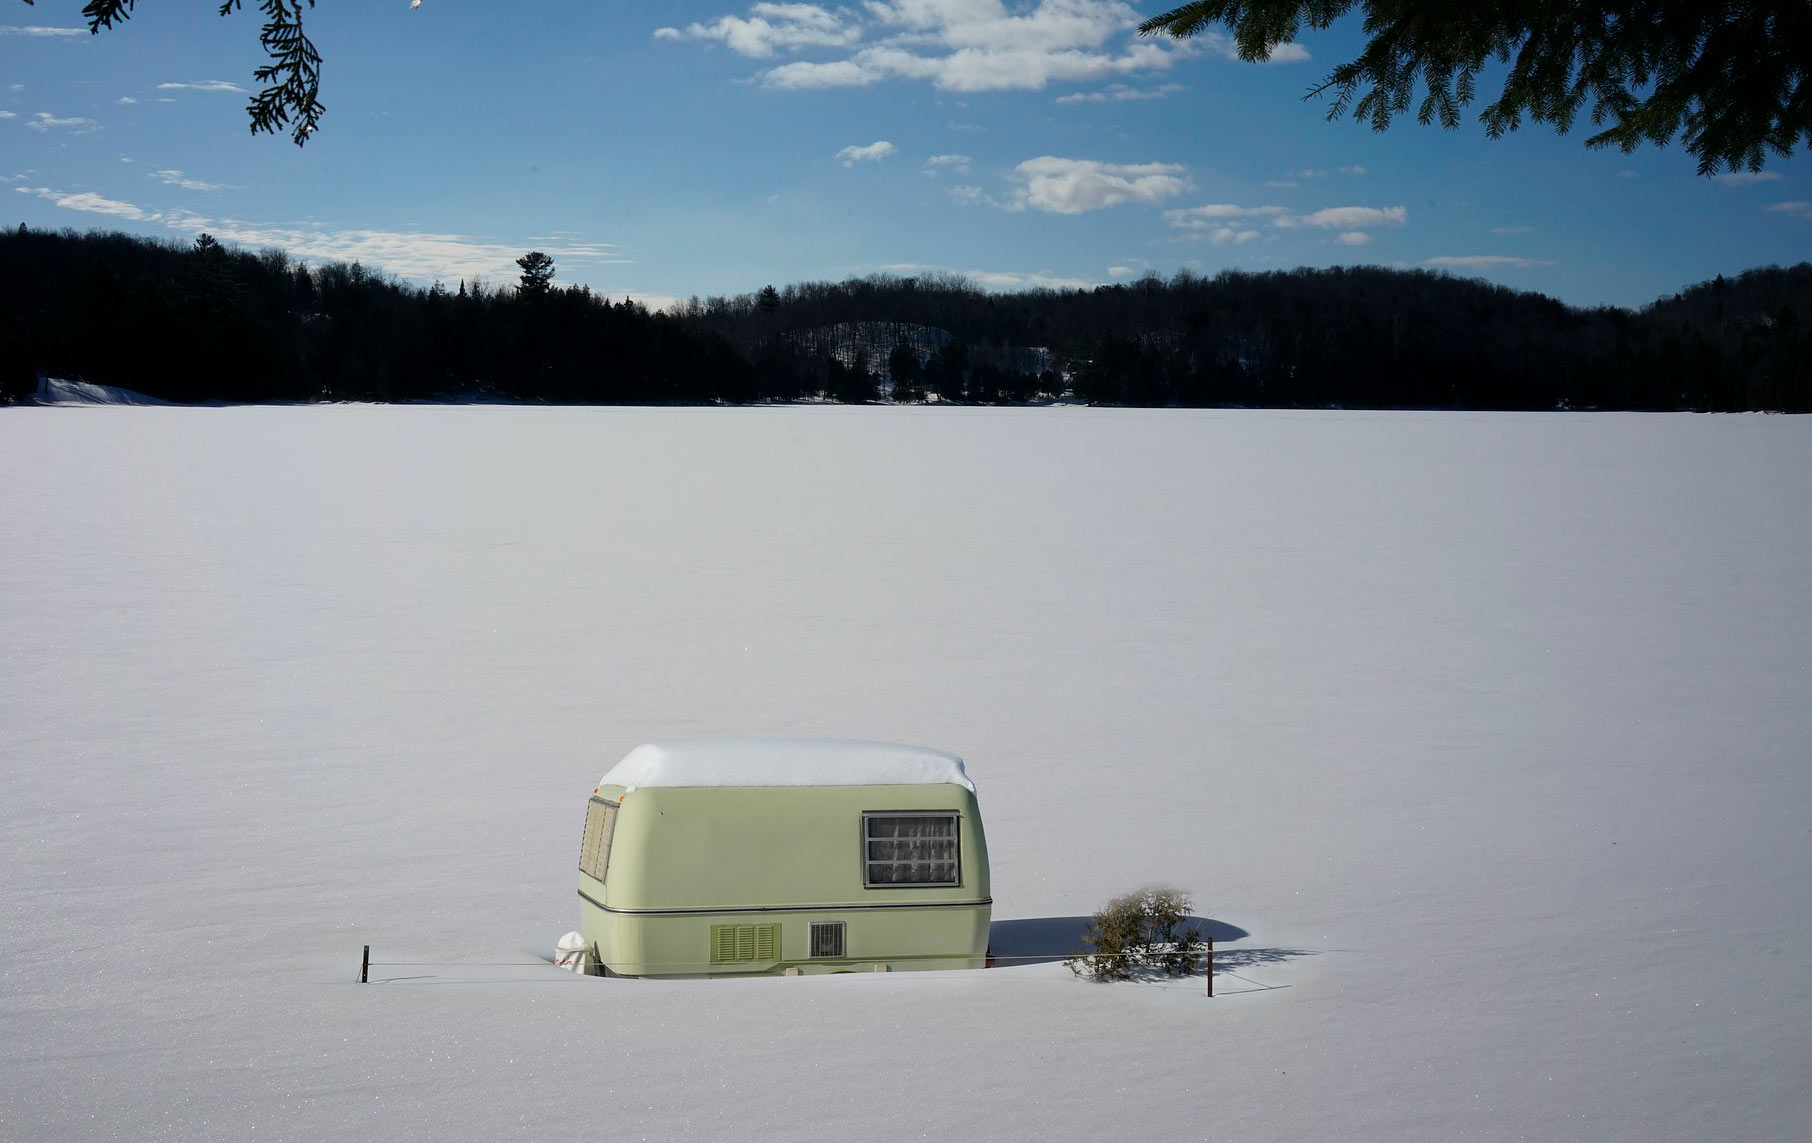 preparar la caravana para el invierno